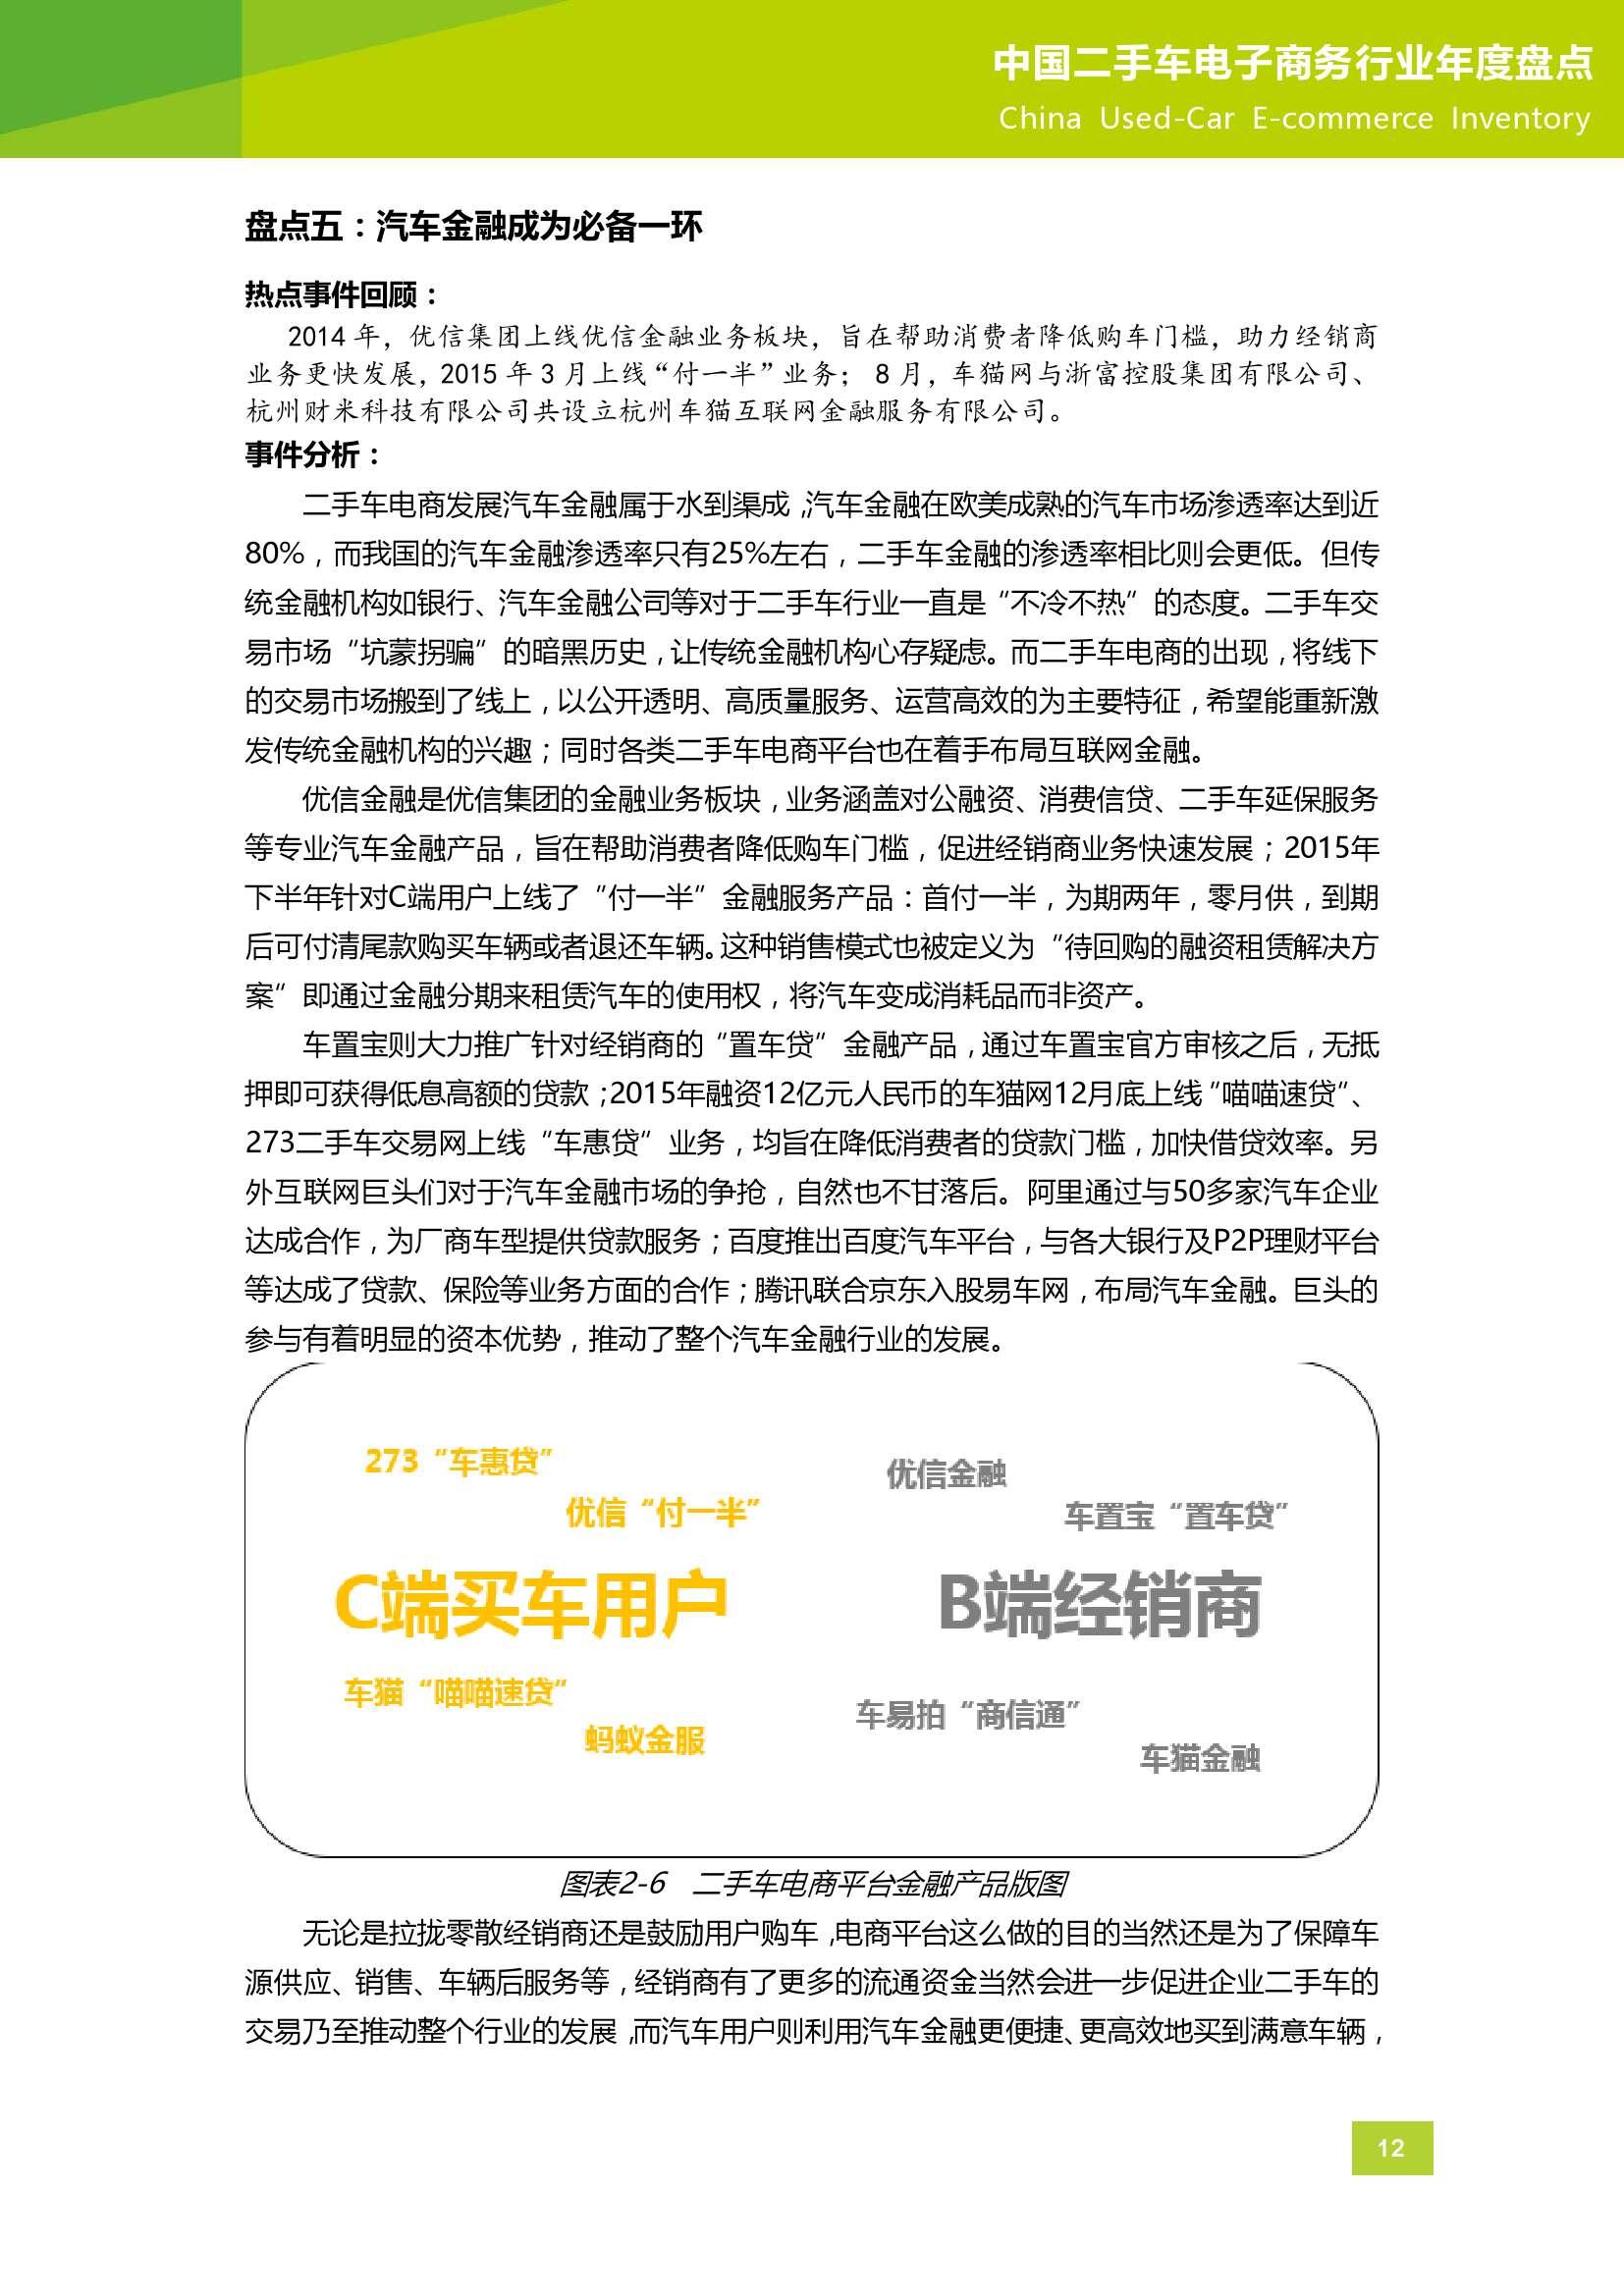 2015年中国二手车电子商务行业年度盘点_000013